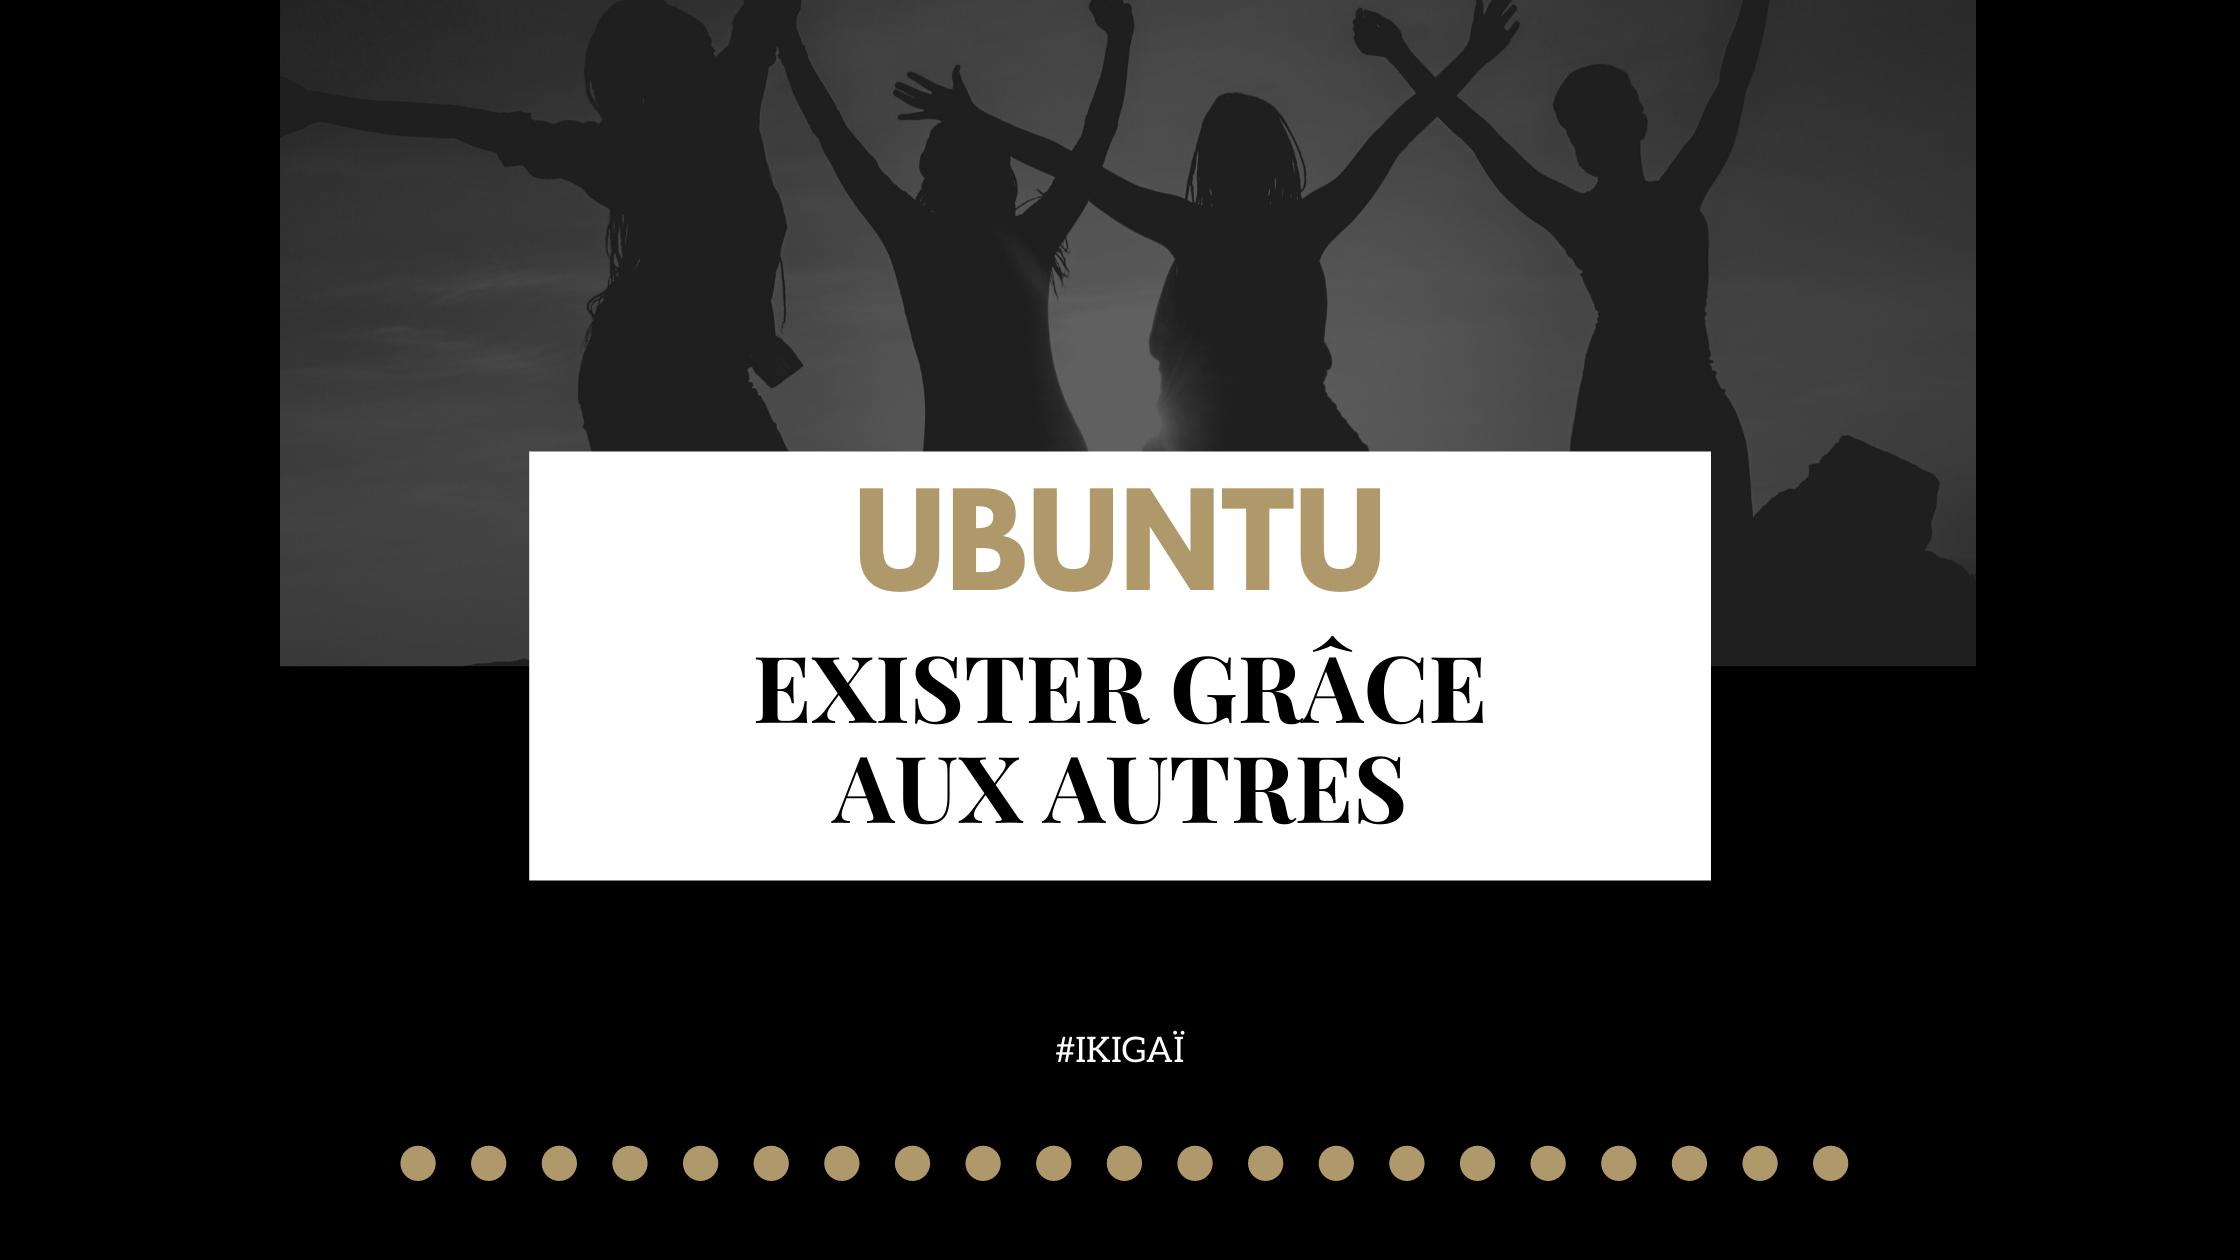 L'ubuntu : exister grâce aux autres